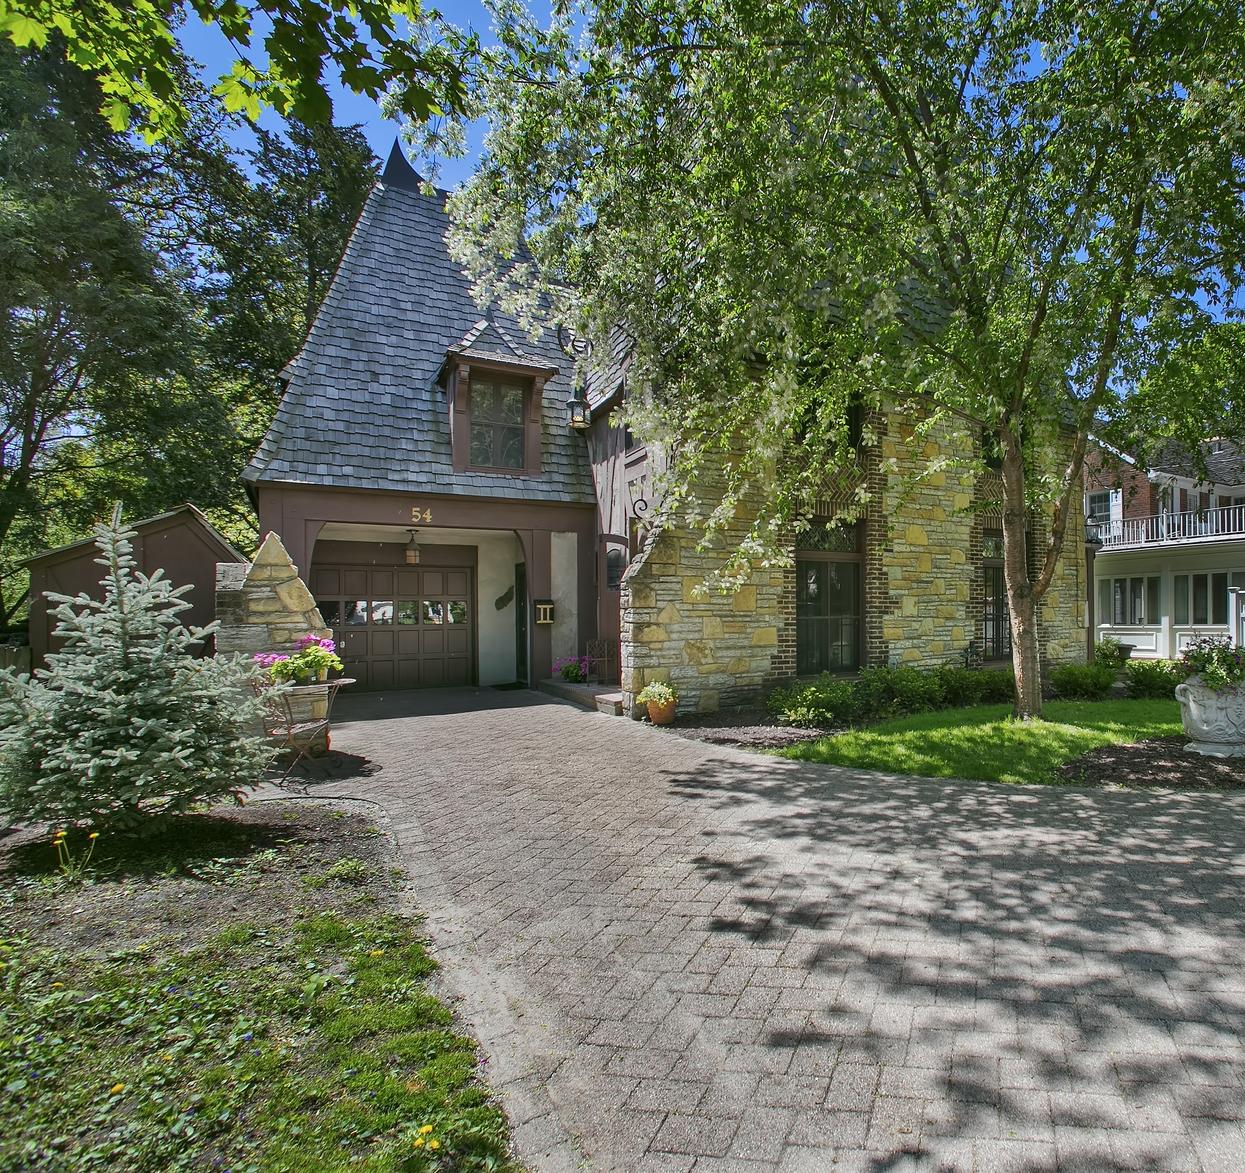 단독 가정 주택 용 매매 에 French Tudor 54 Mississippi River Blvd St. Paul, 미네소타 55104 미국